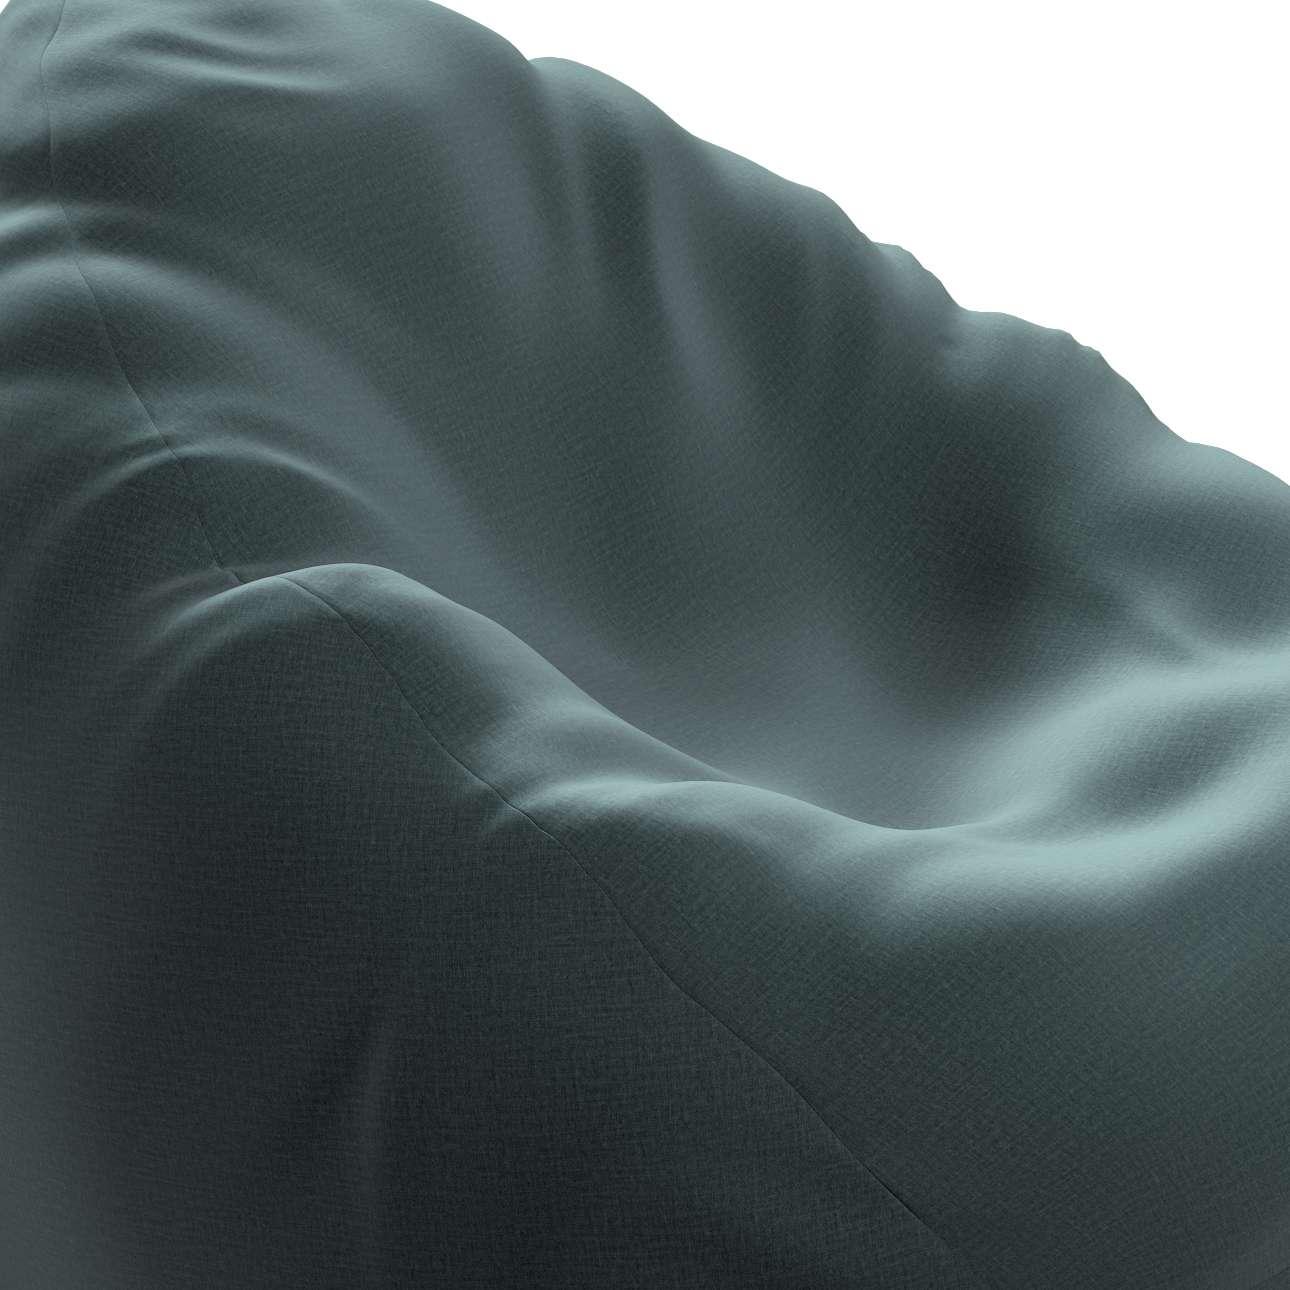 Pokrowiec na worek do siedzenia w kolekcji Ingrid, tkanina: 705-36